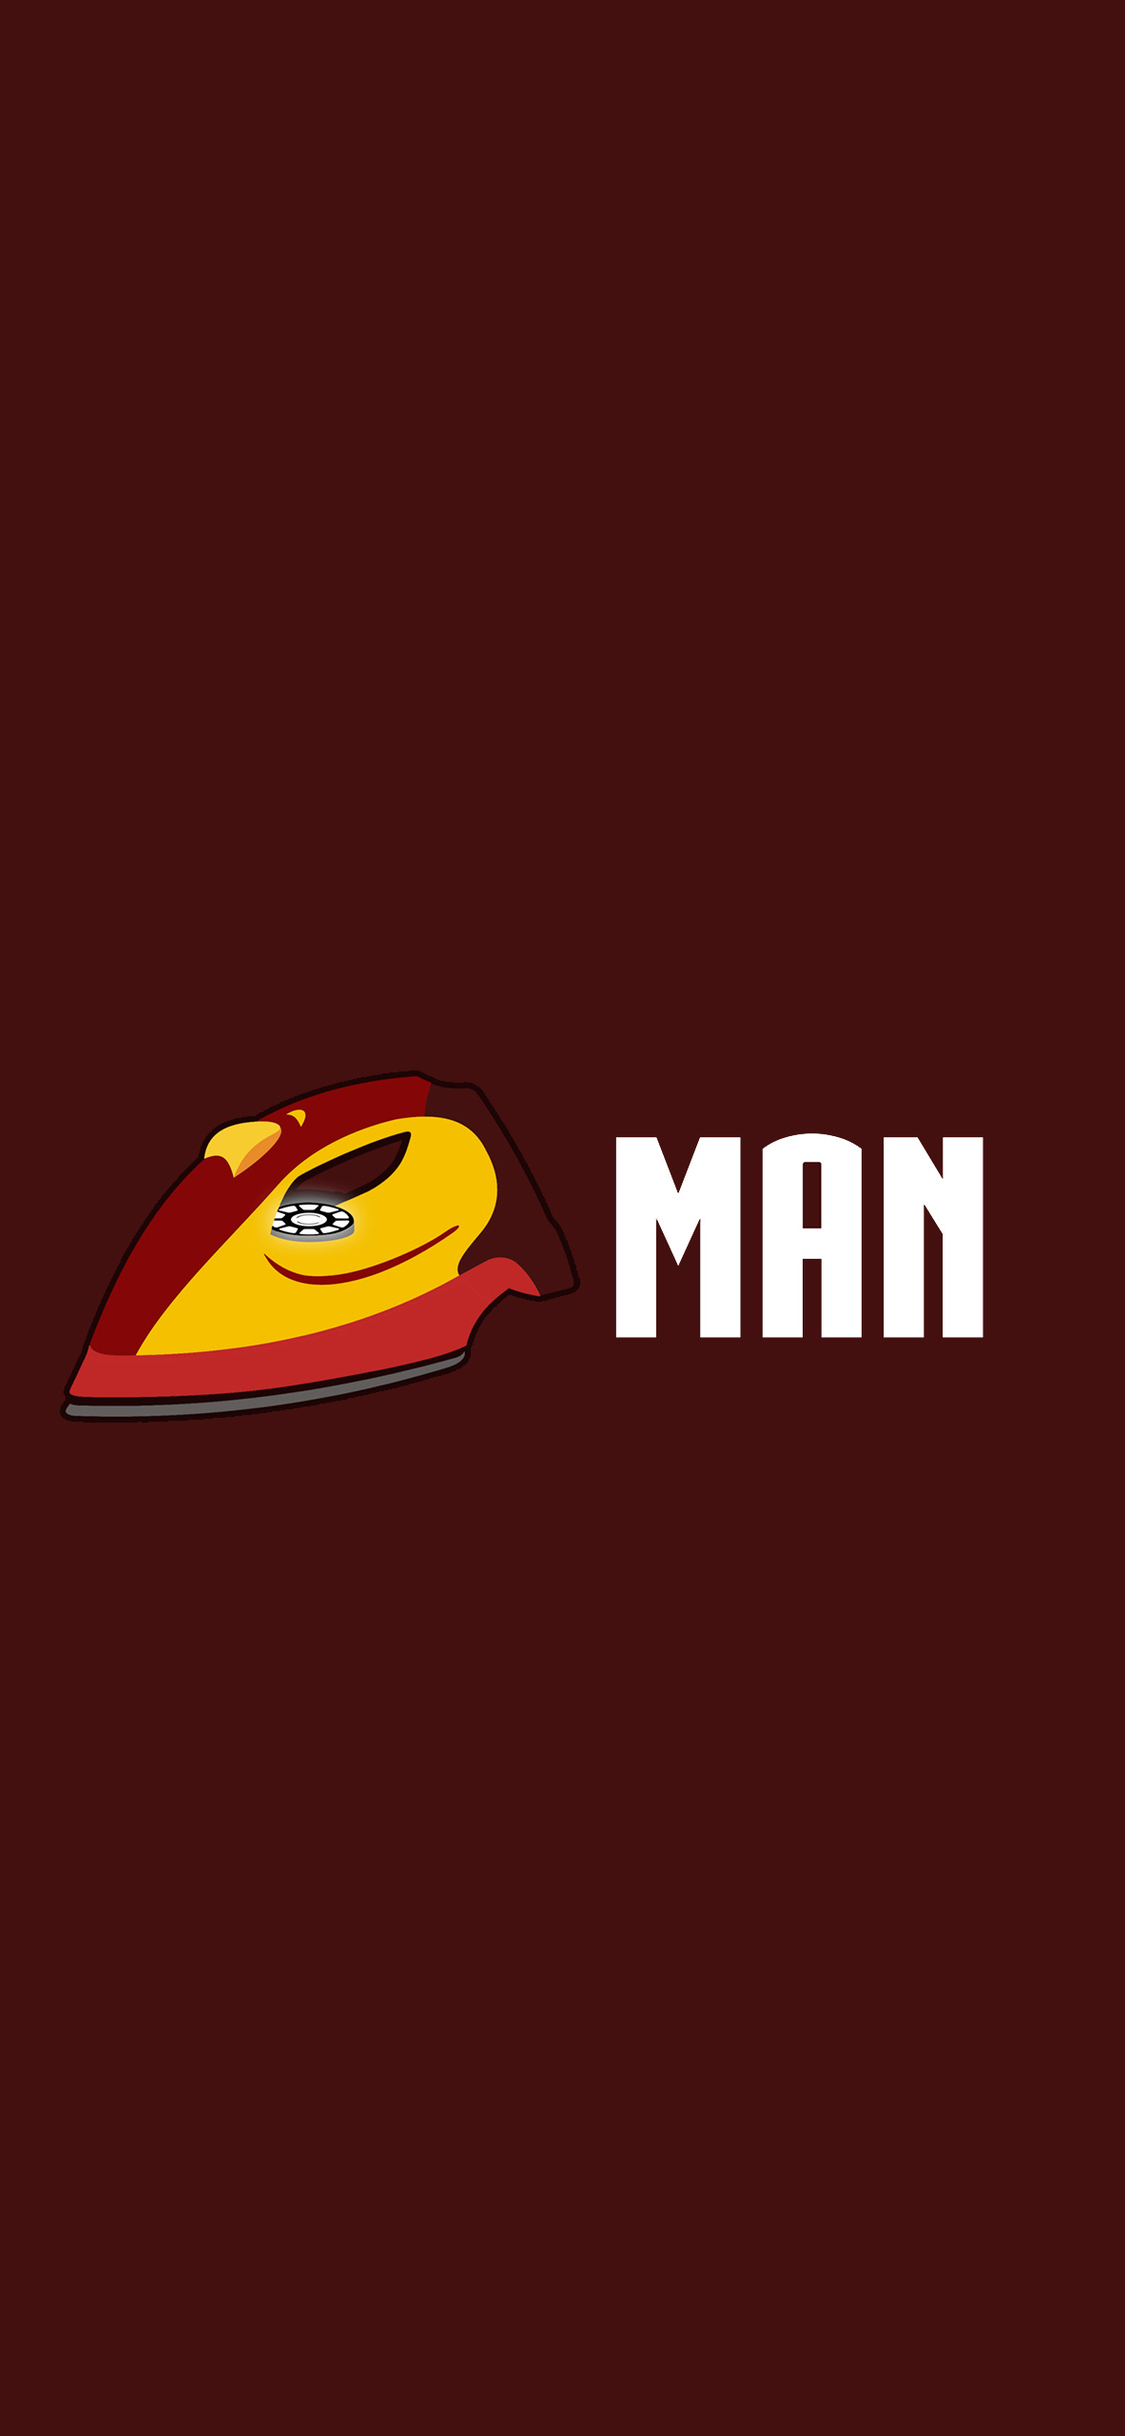 1125x2436 Iron Man Funny Minimalism Iphone Xs Iphone 10 Iphone X Hd